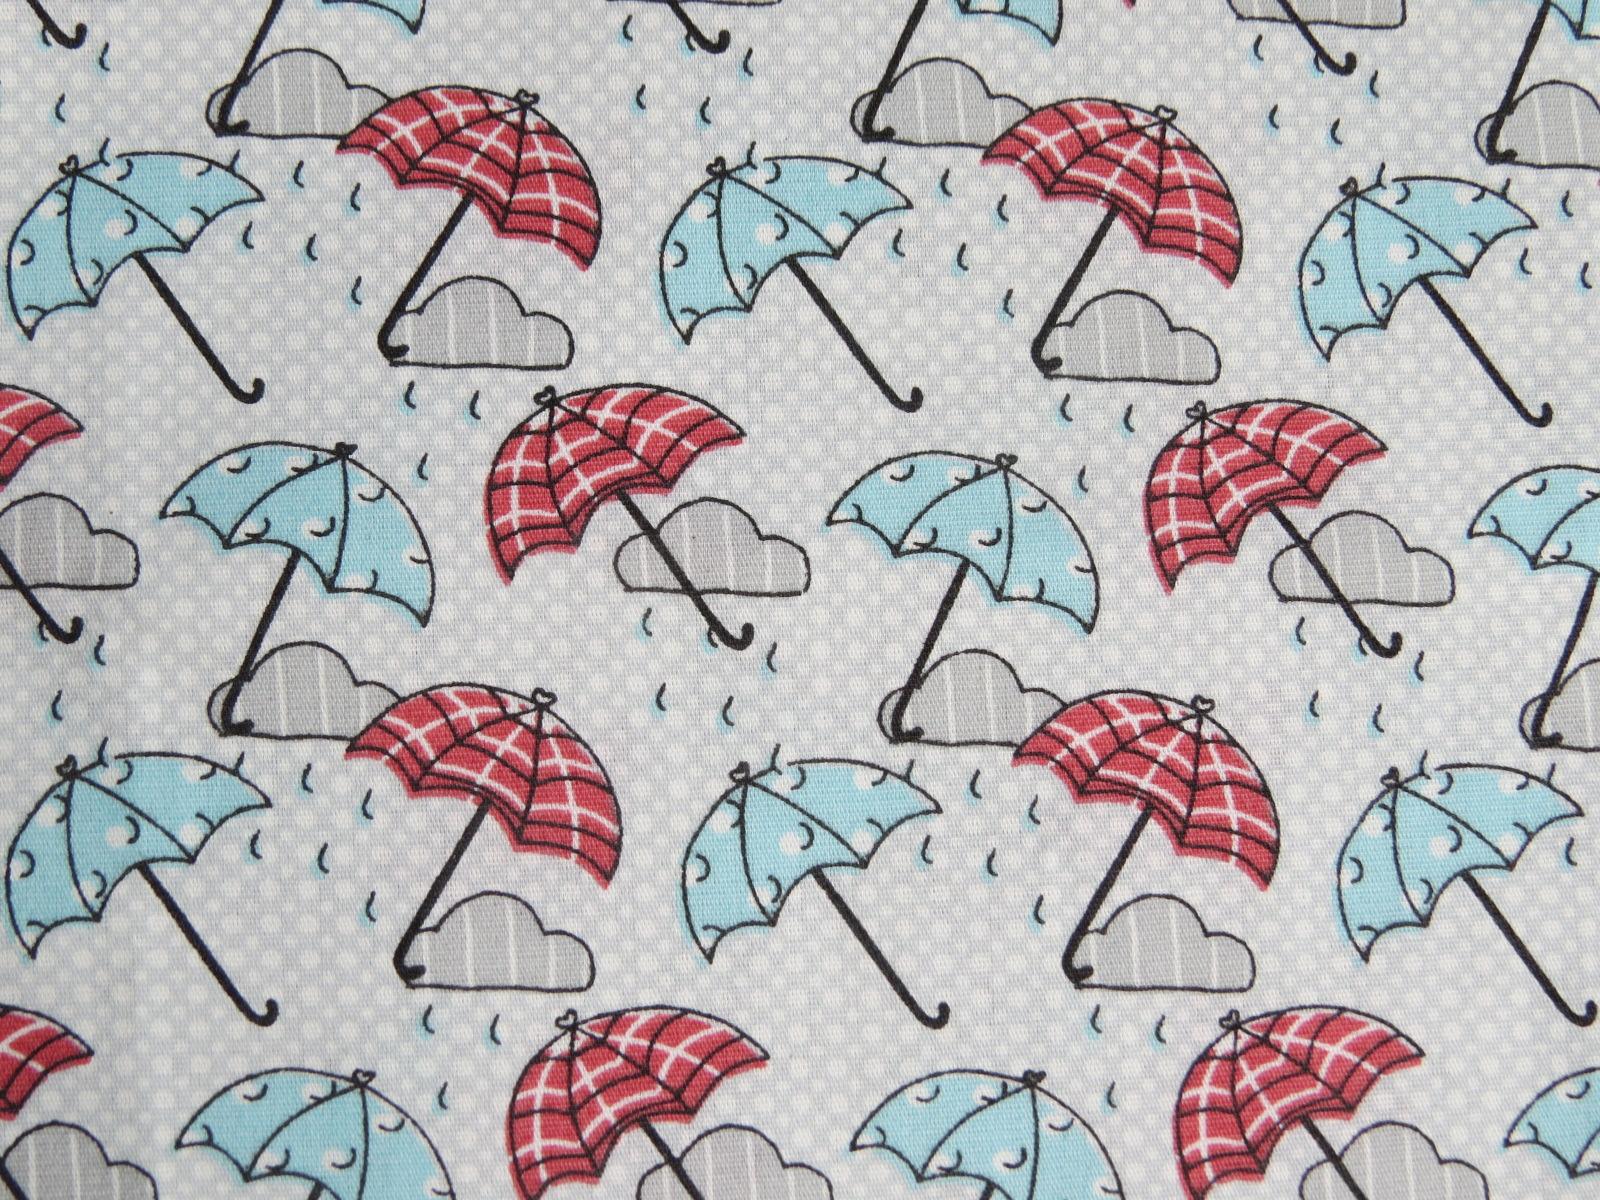 estampa guarda chuva rosa